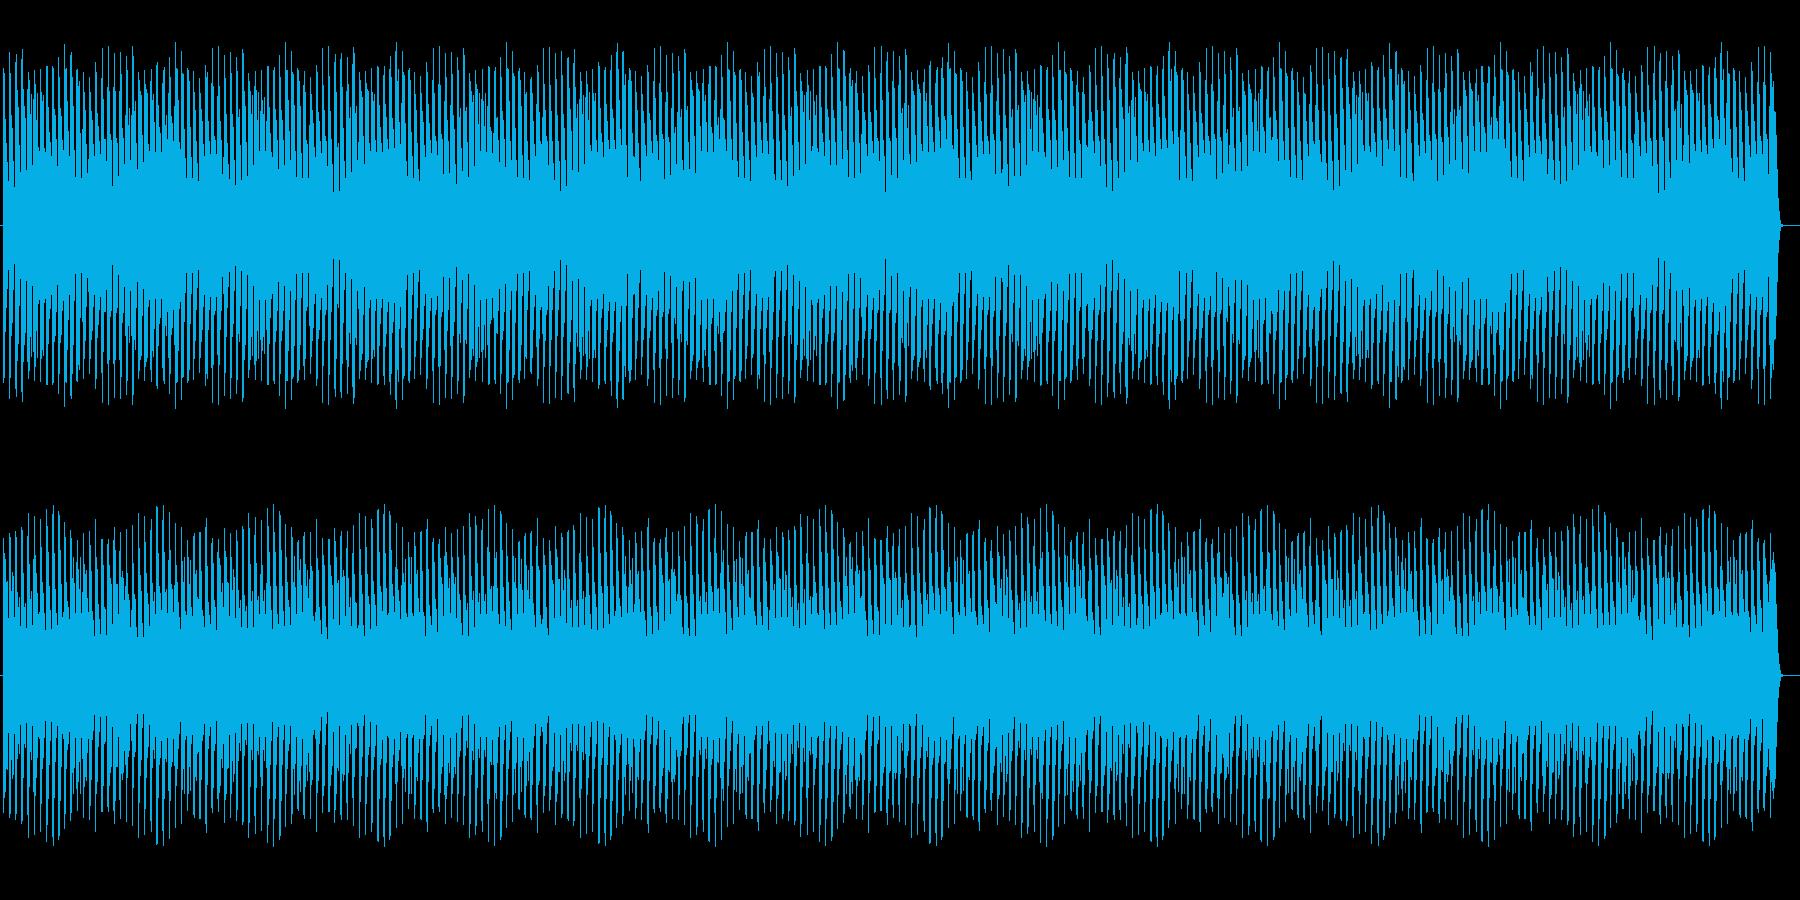 【無限音階】上がり続ける音 緊張感・不安の再生済みの波形